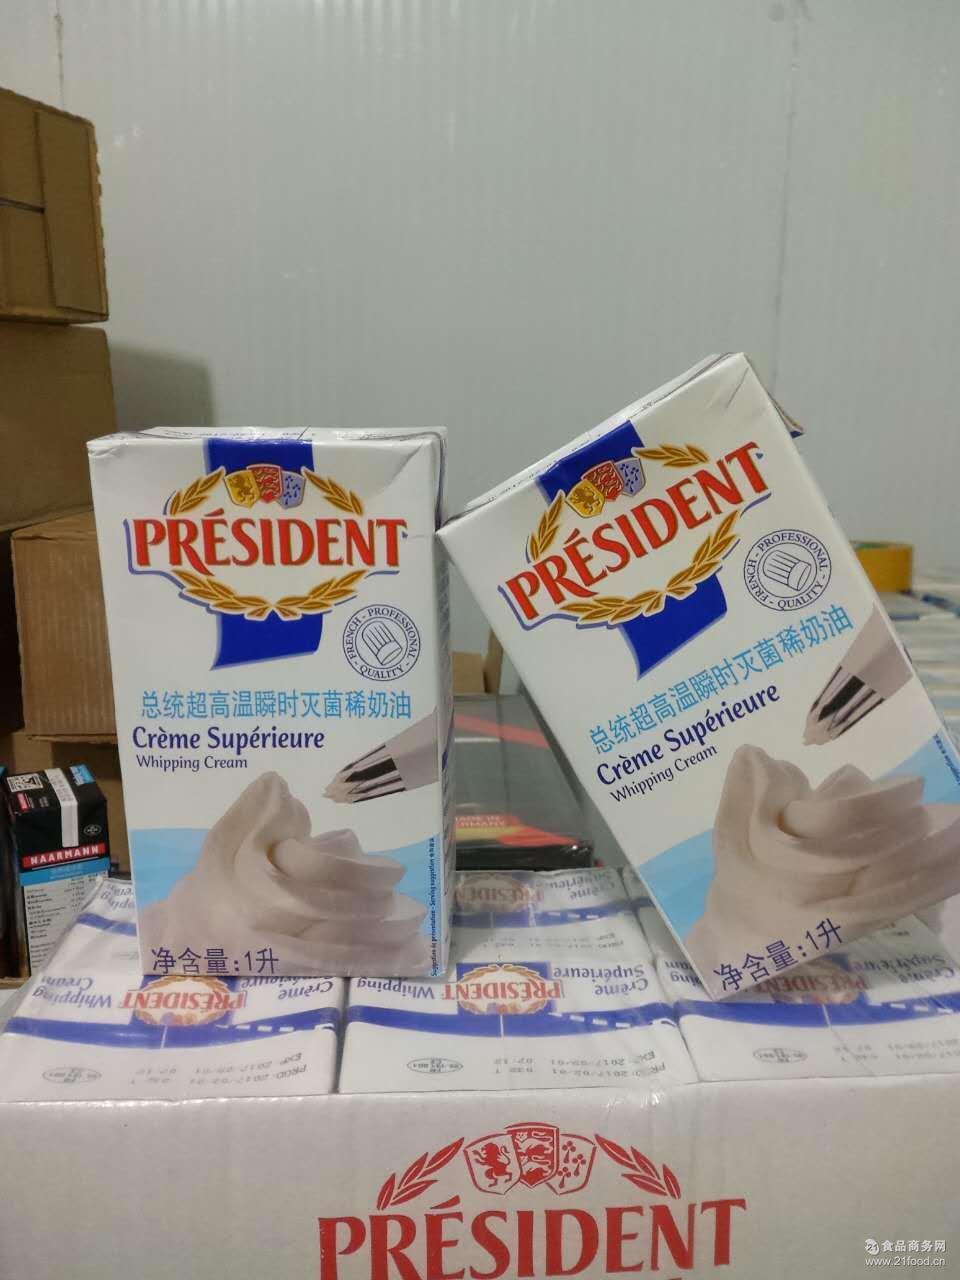 动物稀奶油烘焙原料 法国进口总统牌淡奶油芝士蛋糕1L*6/箱